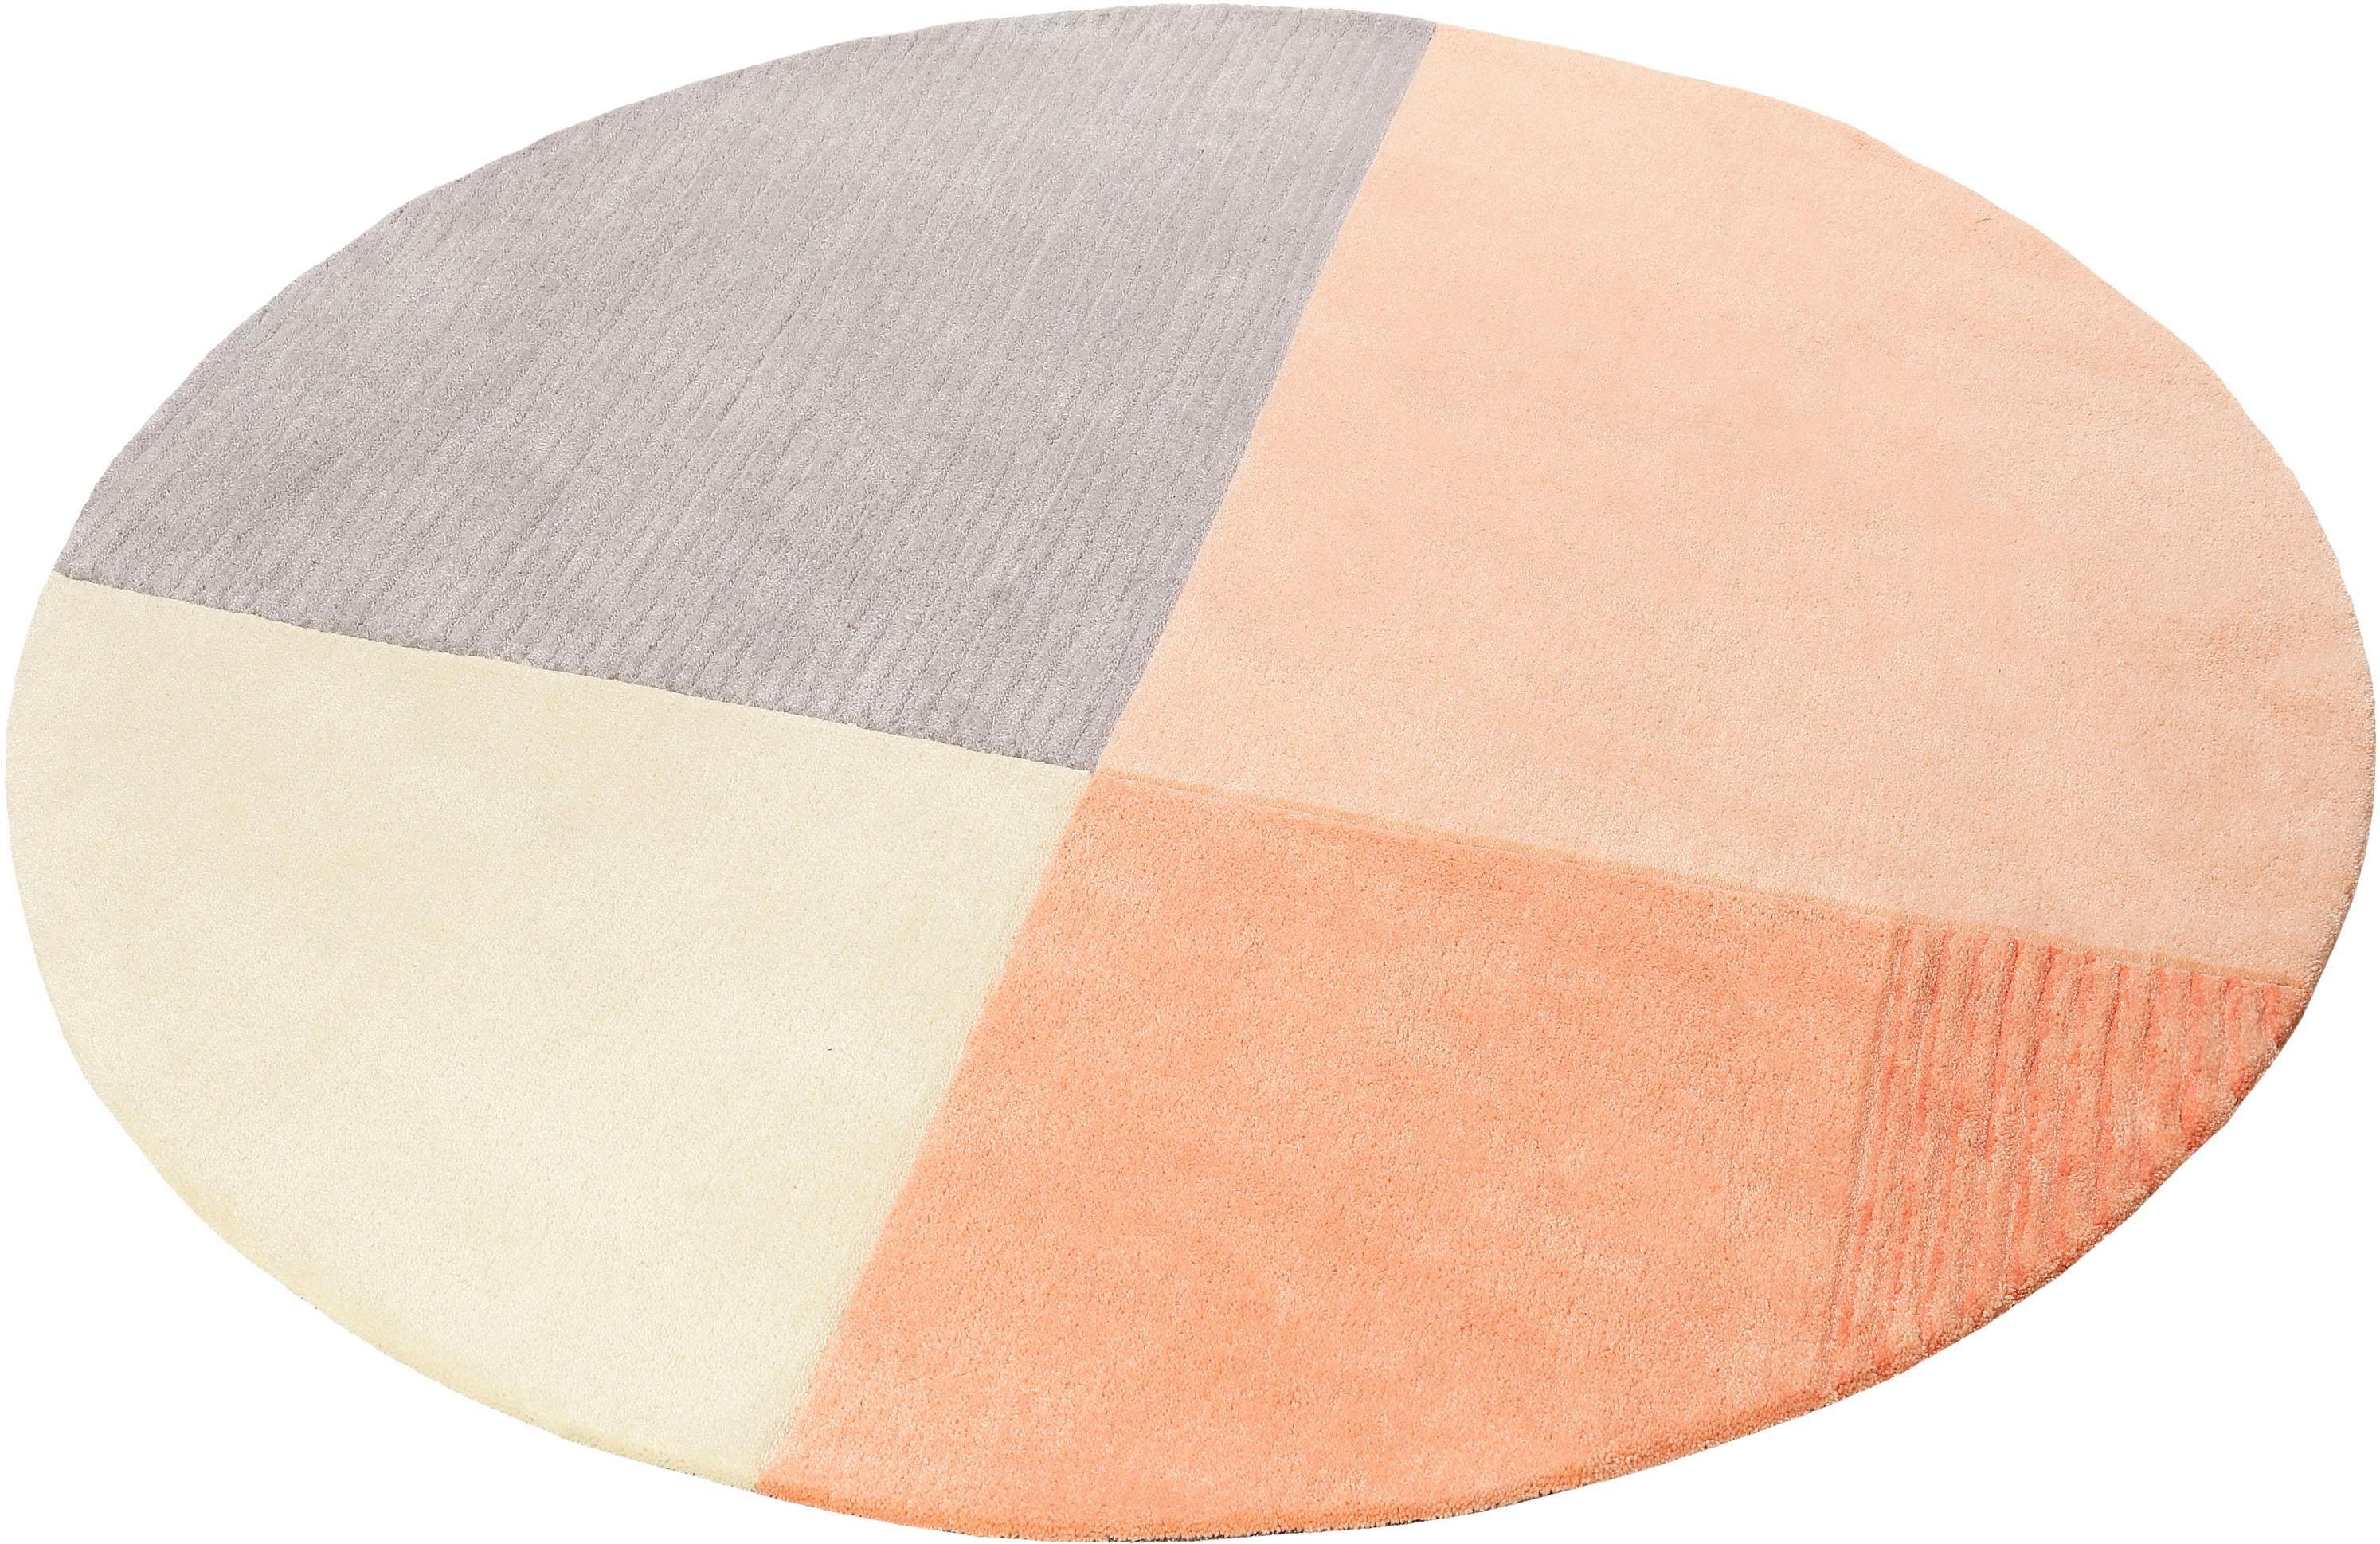 Teppich Harlem Esprit rund Höhe 9 mm maschinell getuftet